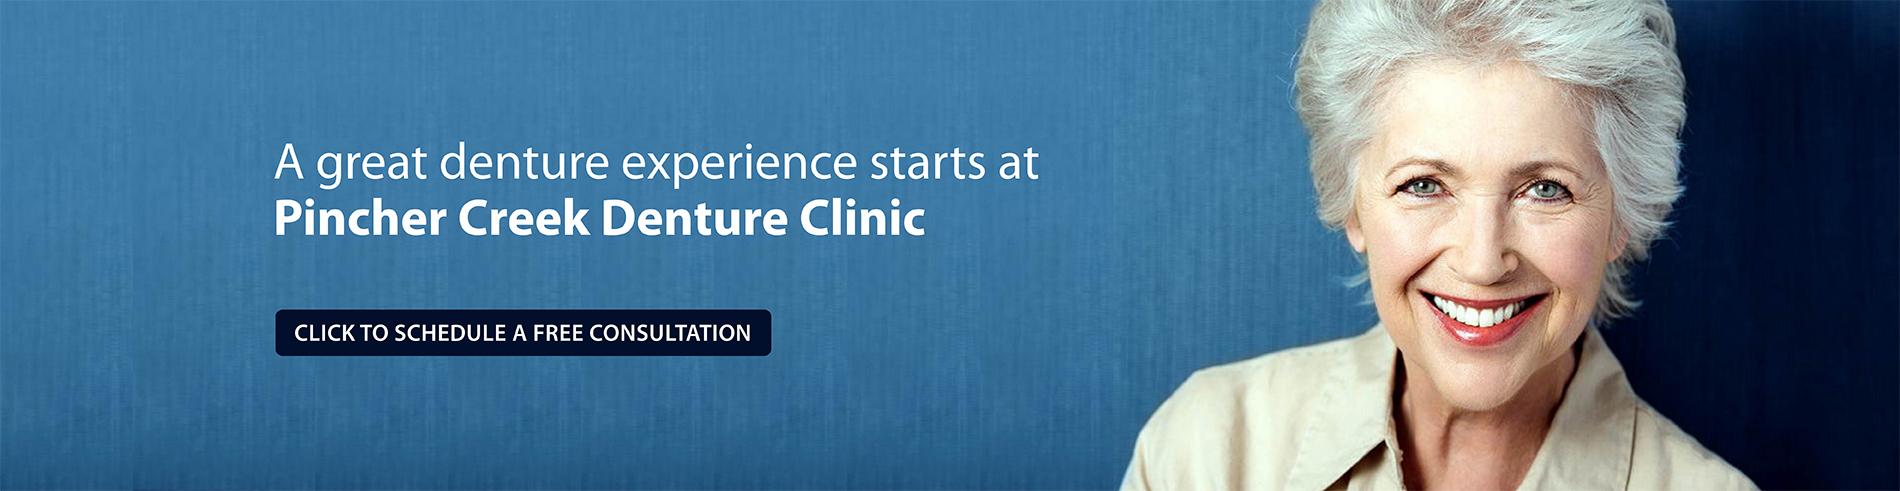 Pincher Creek Denture Clinic